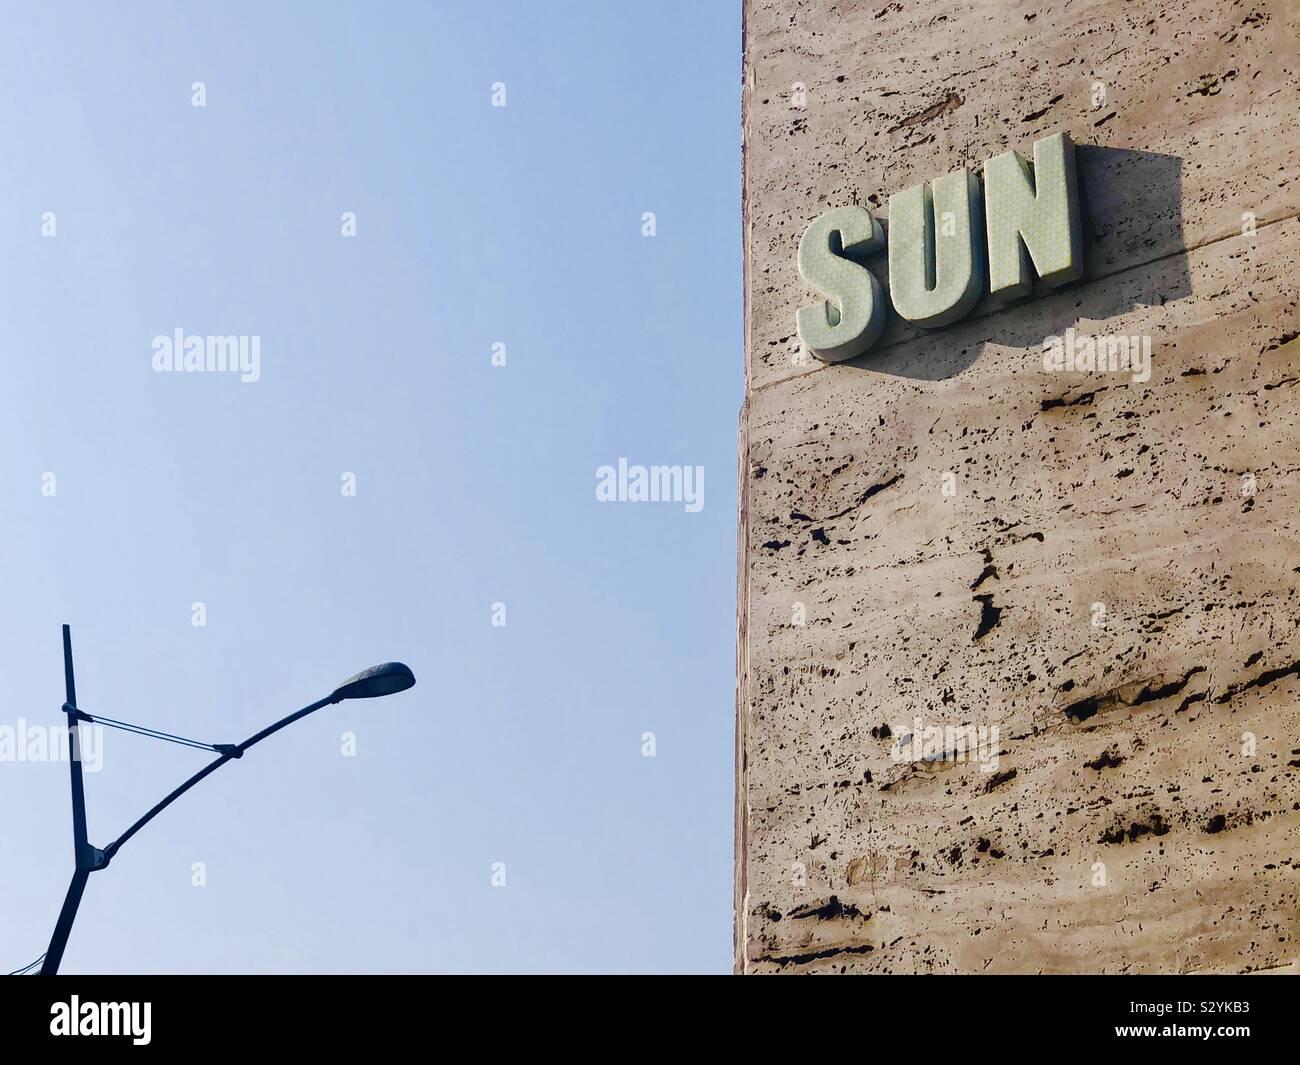 Vieille enseigne la lecture de soleil sur le côté d'un immeuble contre un ciel bleu Banque D'Images